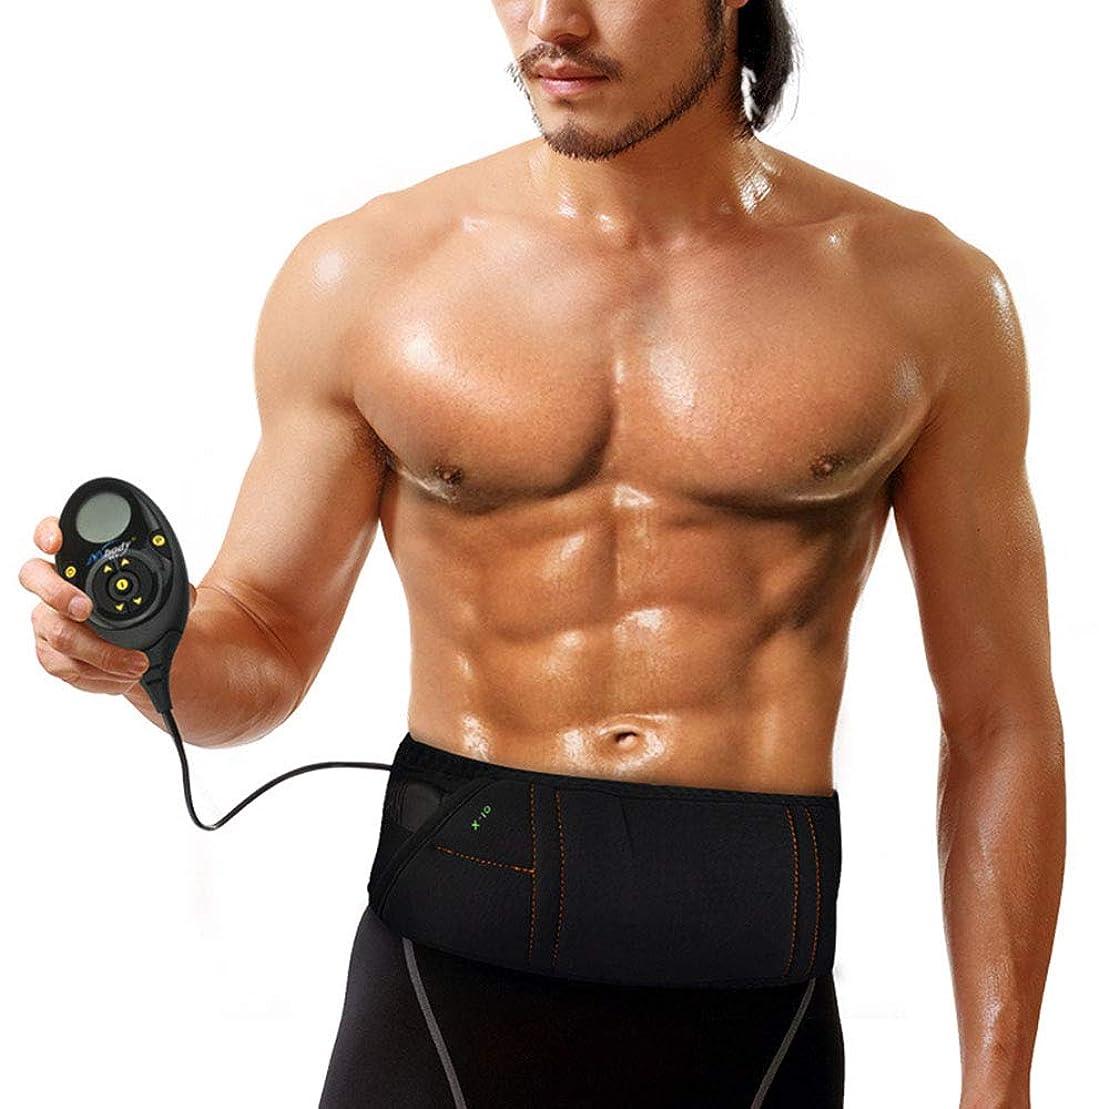 電気Slim身ベルト、Slim身マシンフィットネス脂肪削減多機能産後腹部フィットネスベルト10モード0-150運動強度マッサージベルト